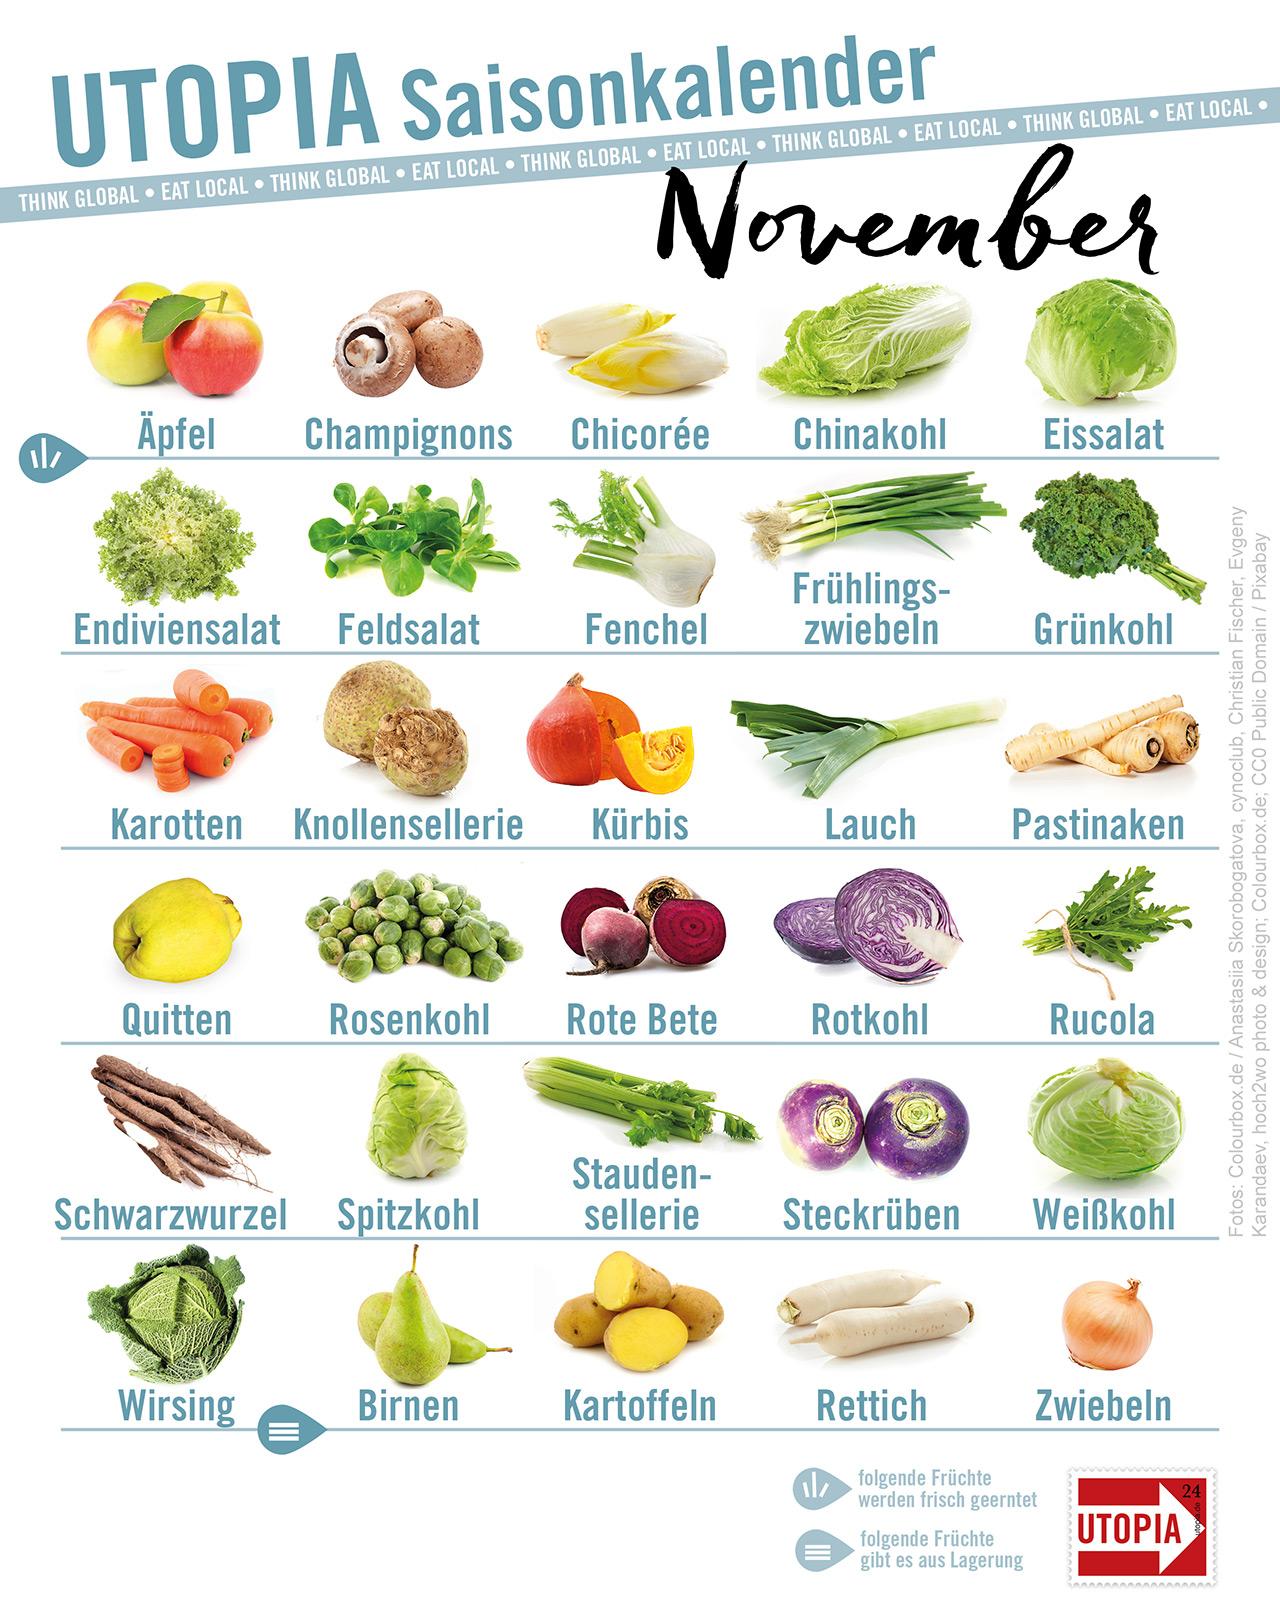 Utopia Saisonkalender November